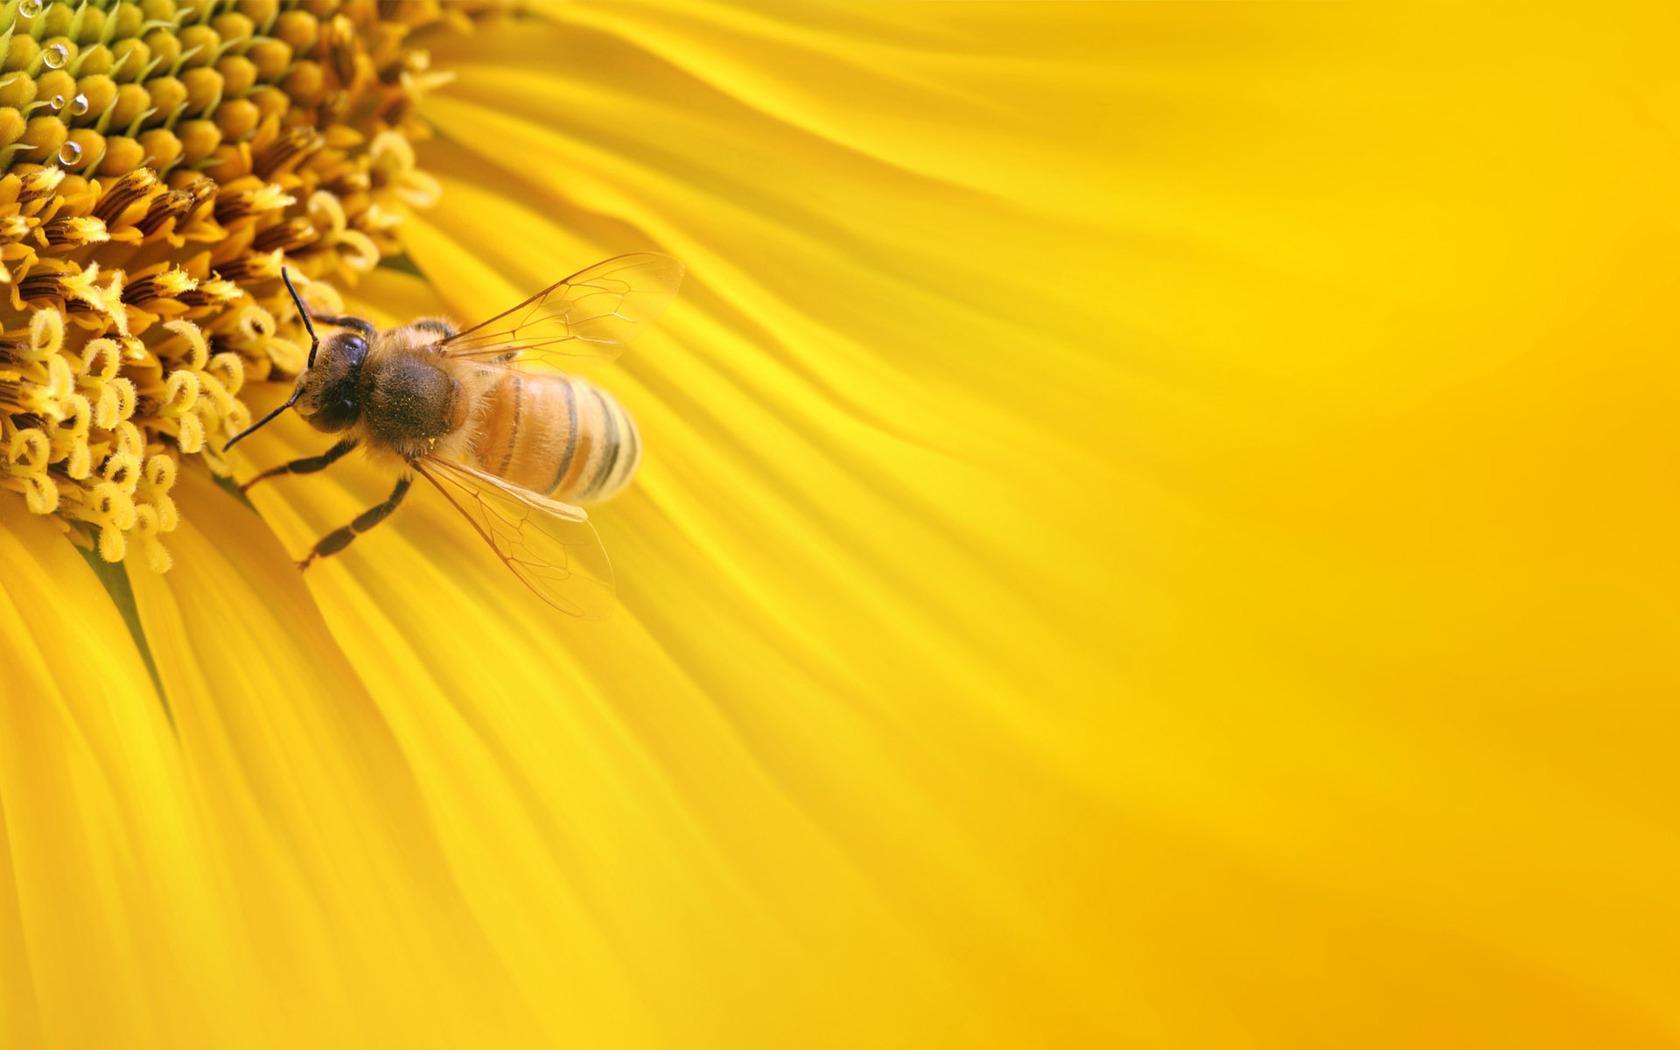 Bee on a sunflower wallpaper 6714 1680x1050